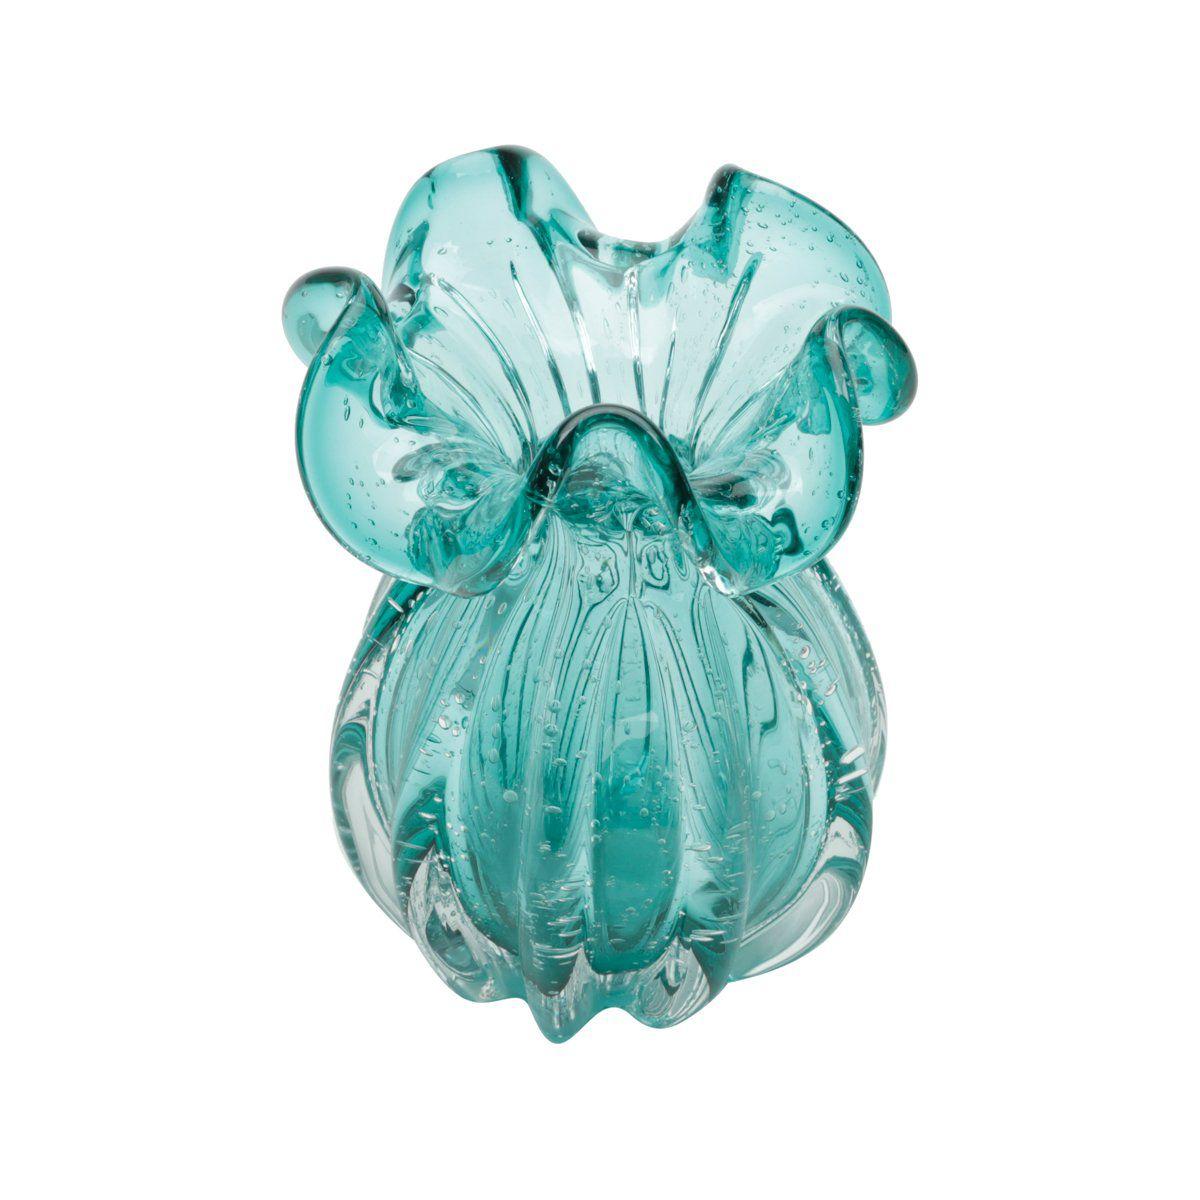 Vaso decorativo 17 cm de vidro azul tiffany Italy Lyor - L4142